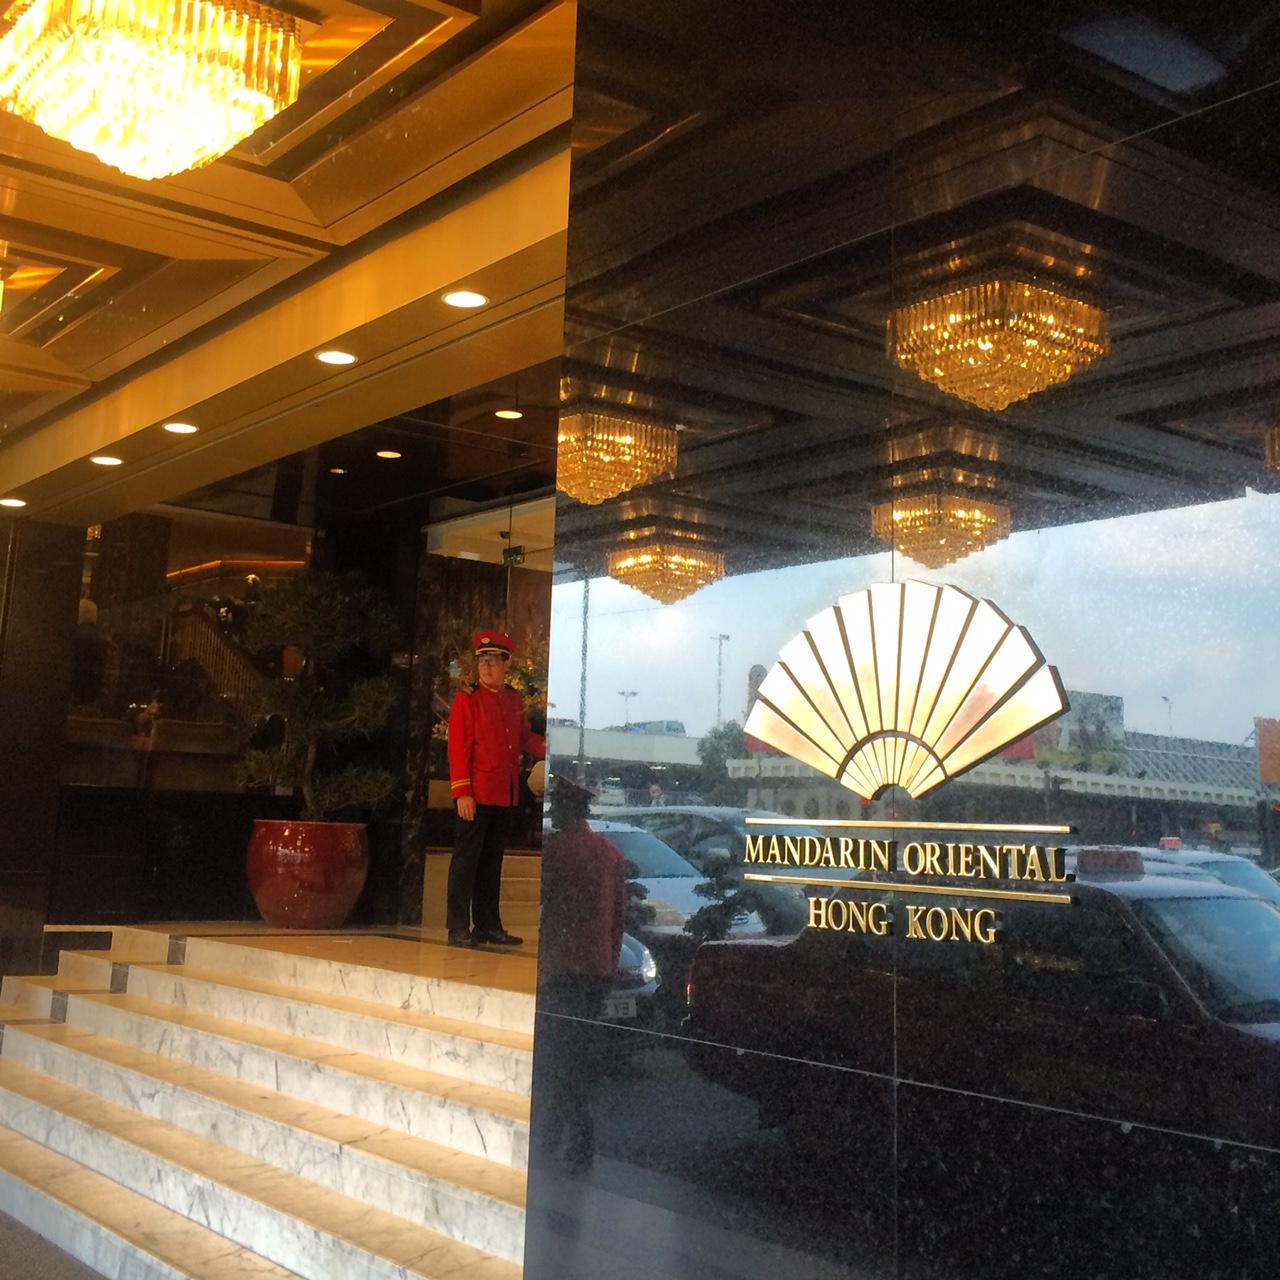 Afternoon Tea at Mandarin Oriental Hong Kong